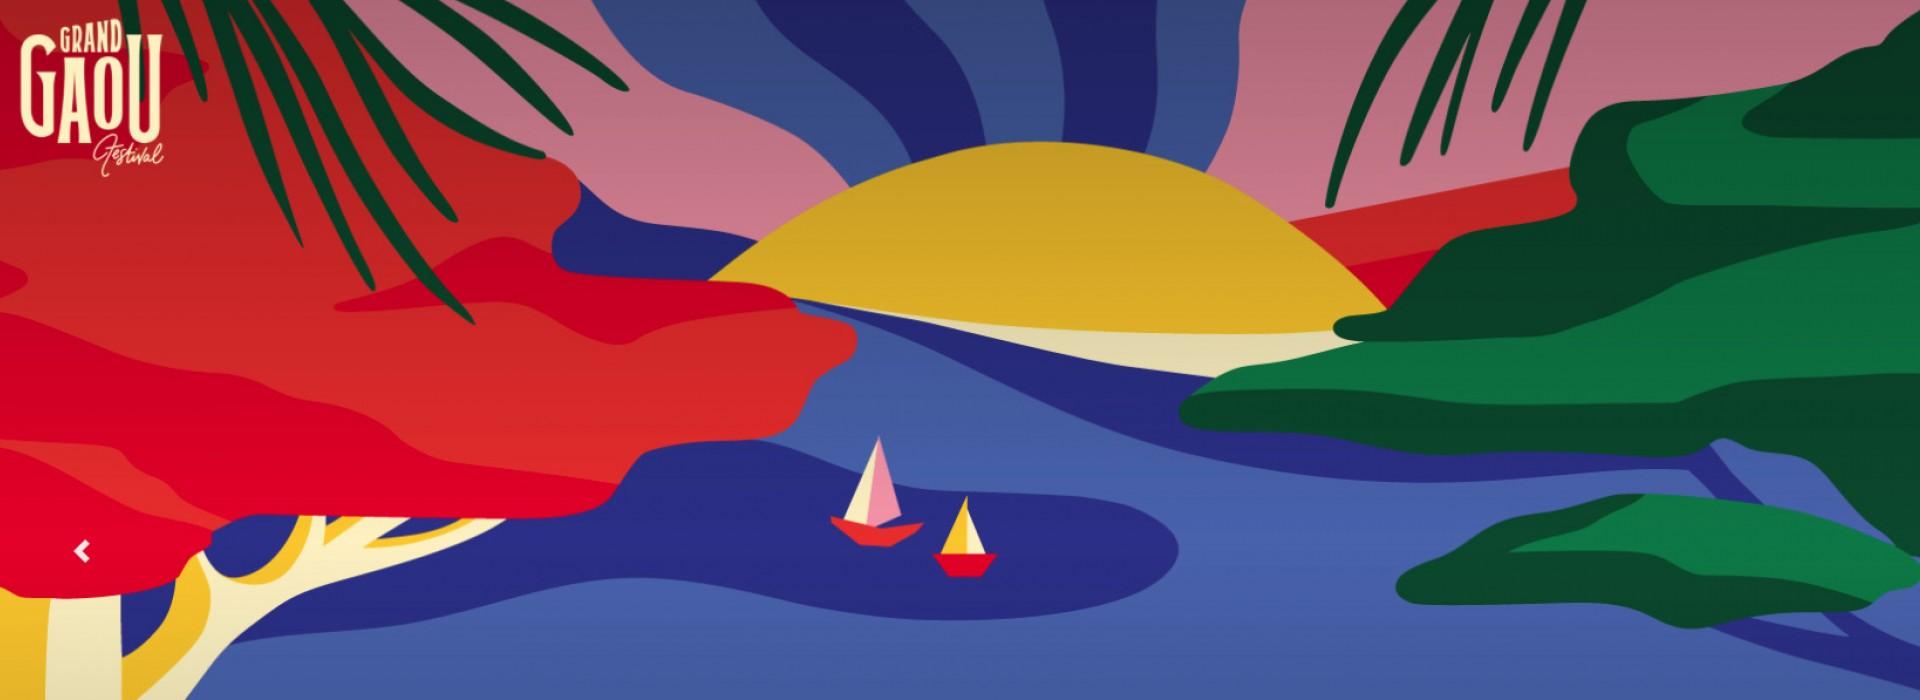 Grand Gaou Festival à partir du 28/07